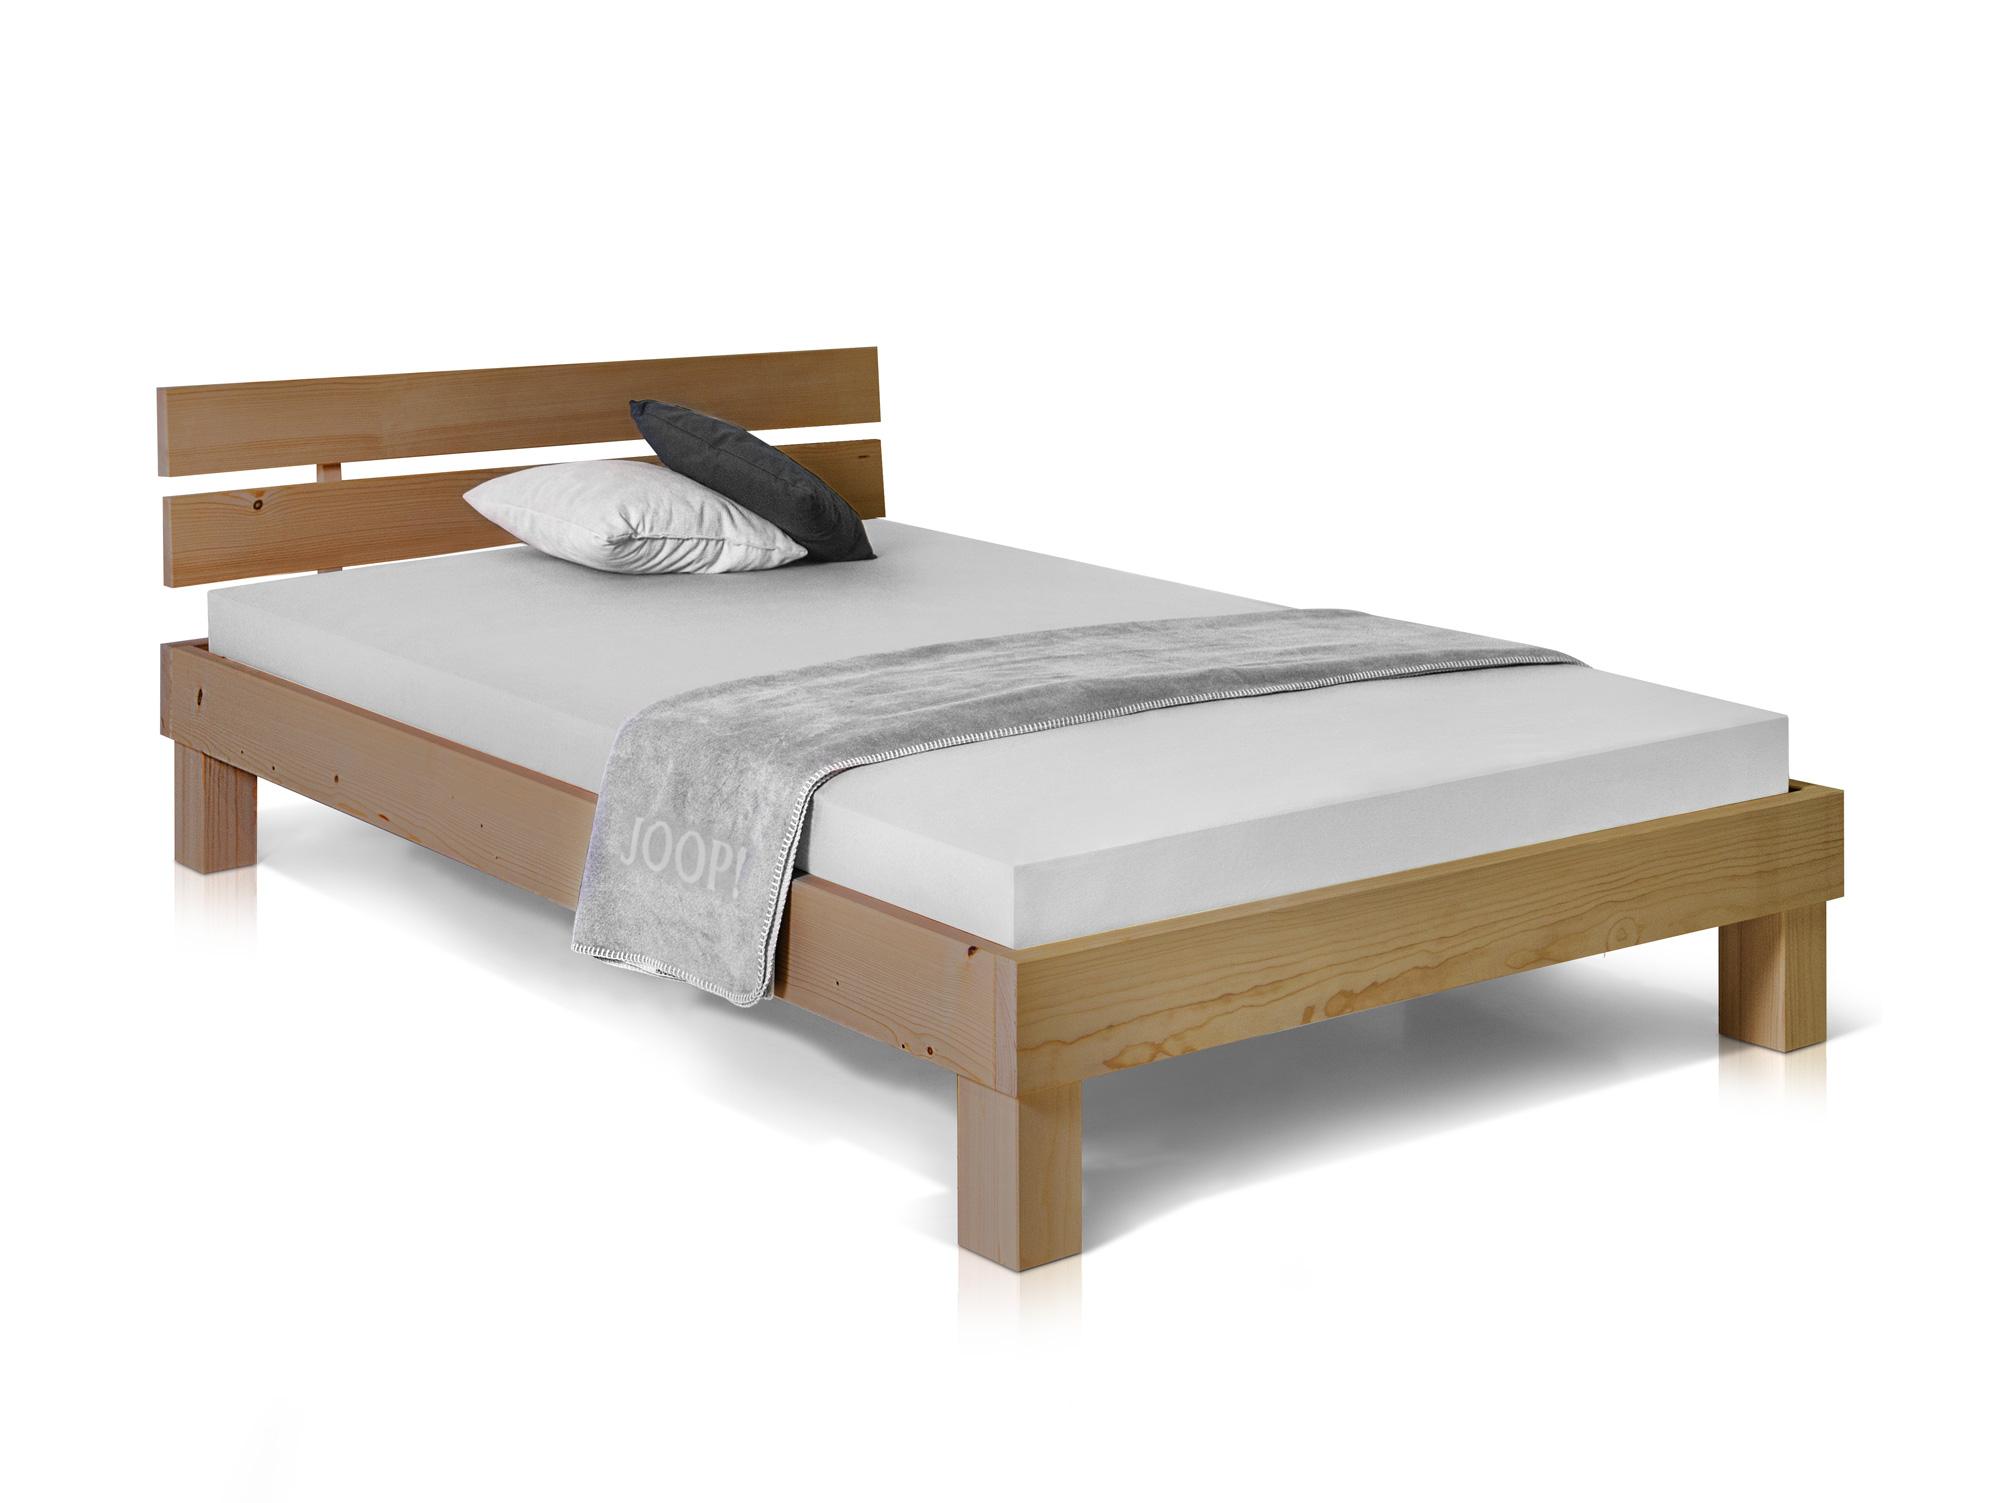 pumba singlebett bett futonbett 140x200 fichtemassiv eichefarbig massivholzbett ebay. Black Bedroom Furniture Sets. Home Design Ideas